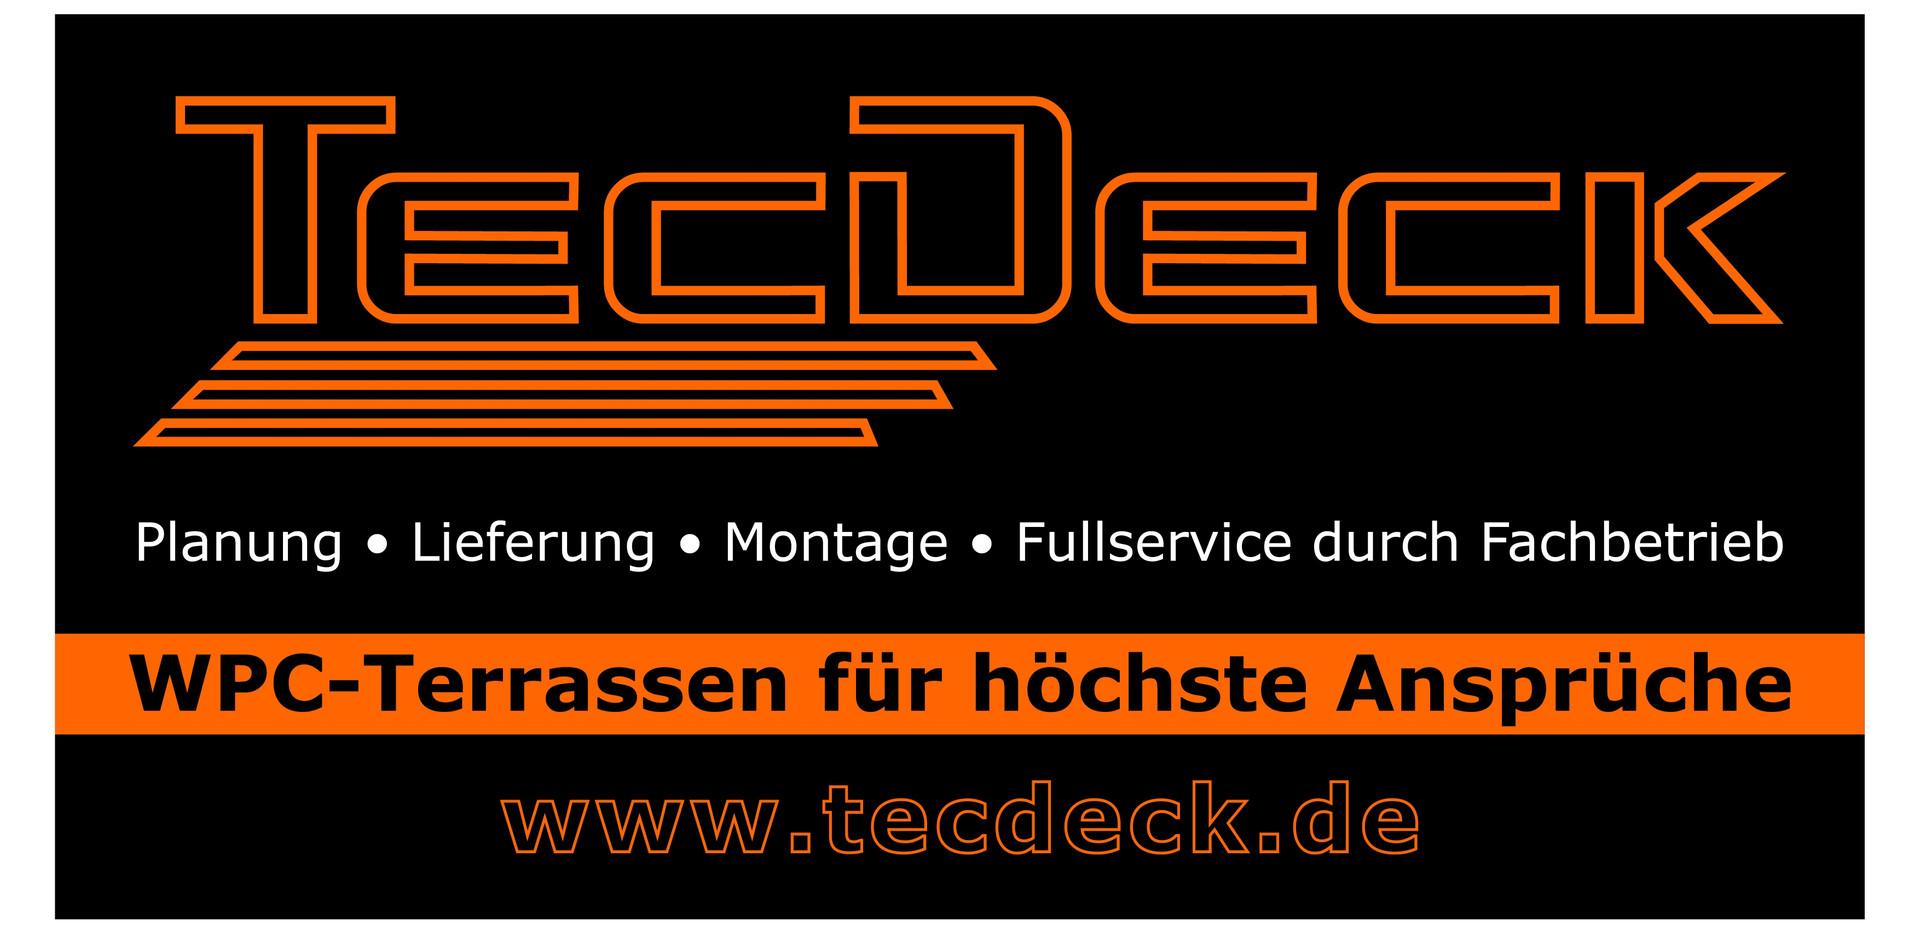 Logoentwicklung für Terrassenbauer